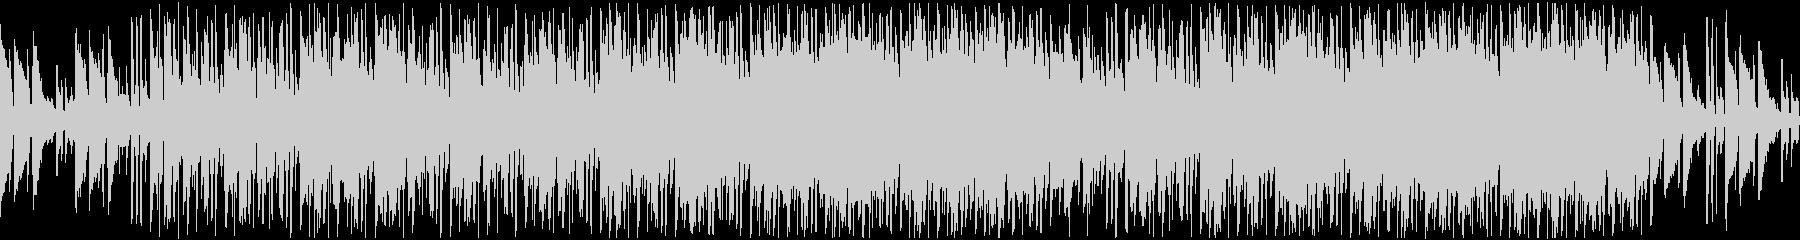 アコギ主体のチル+アンビエント系ループの未再生の波形